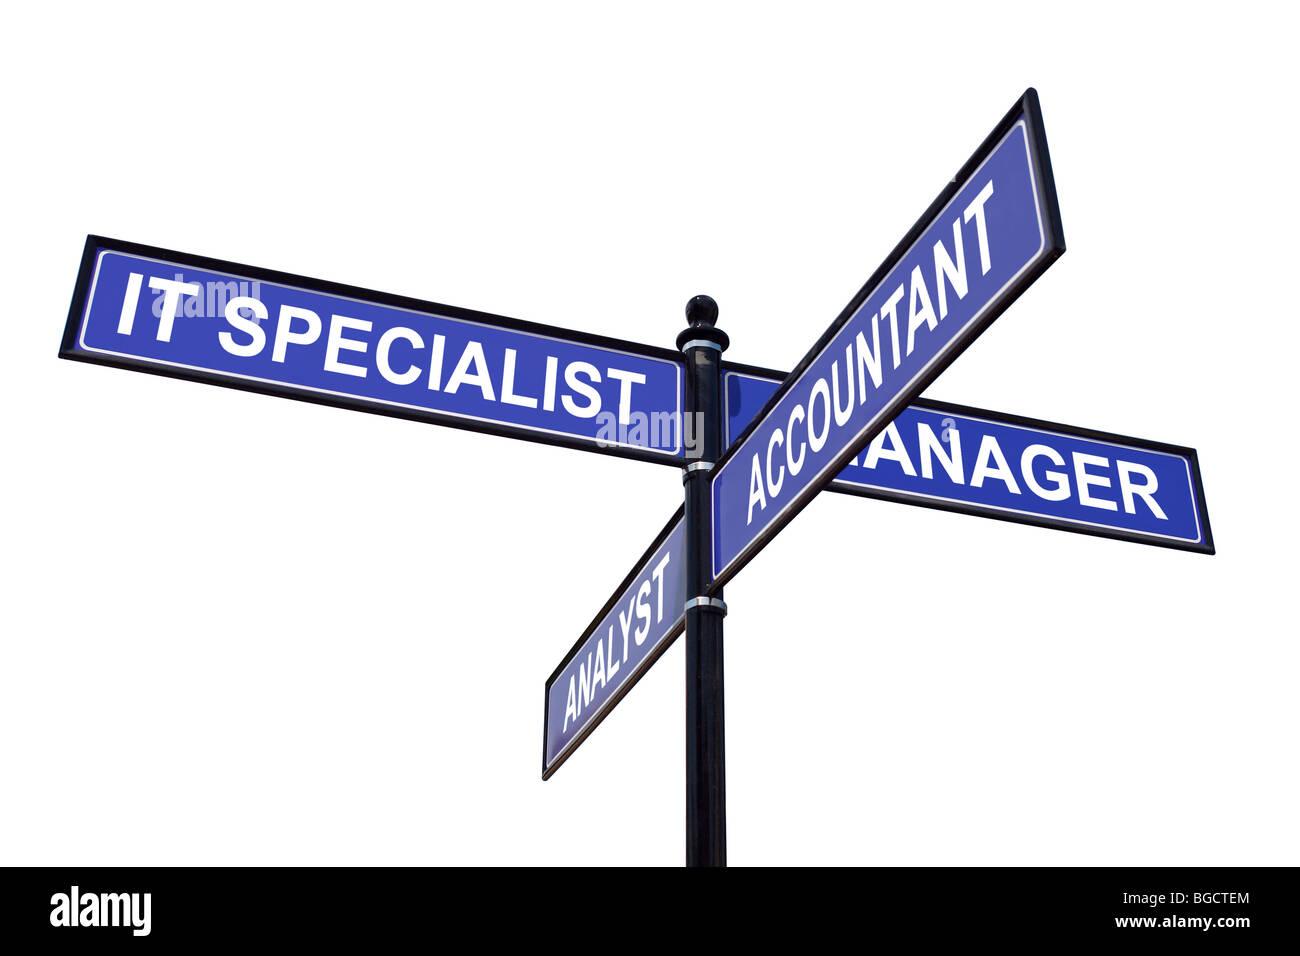 Vierwege-Metall Roadsign mit IT-Spezialisten, Manager, Buchhalter und Analyst Stellenangebote auf weißem Hintergrund Stockbild